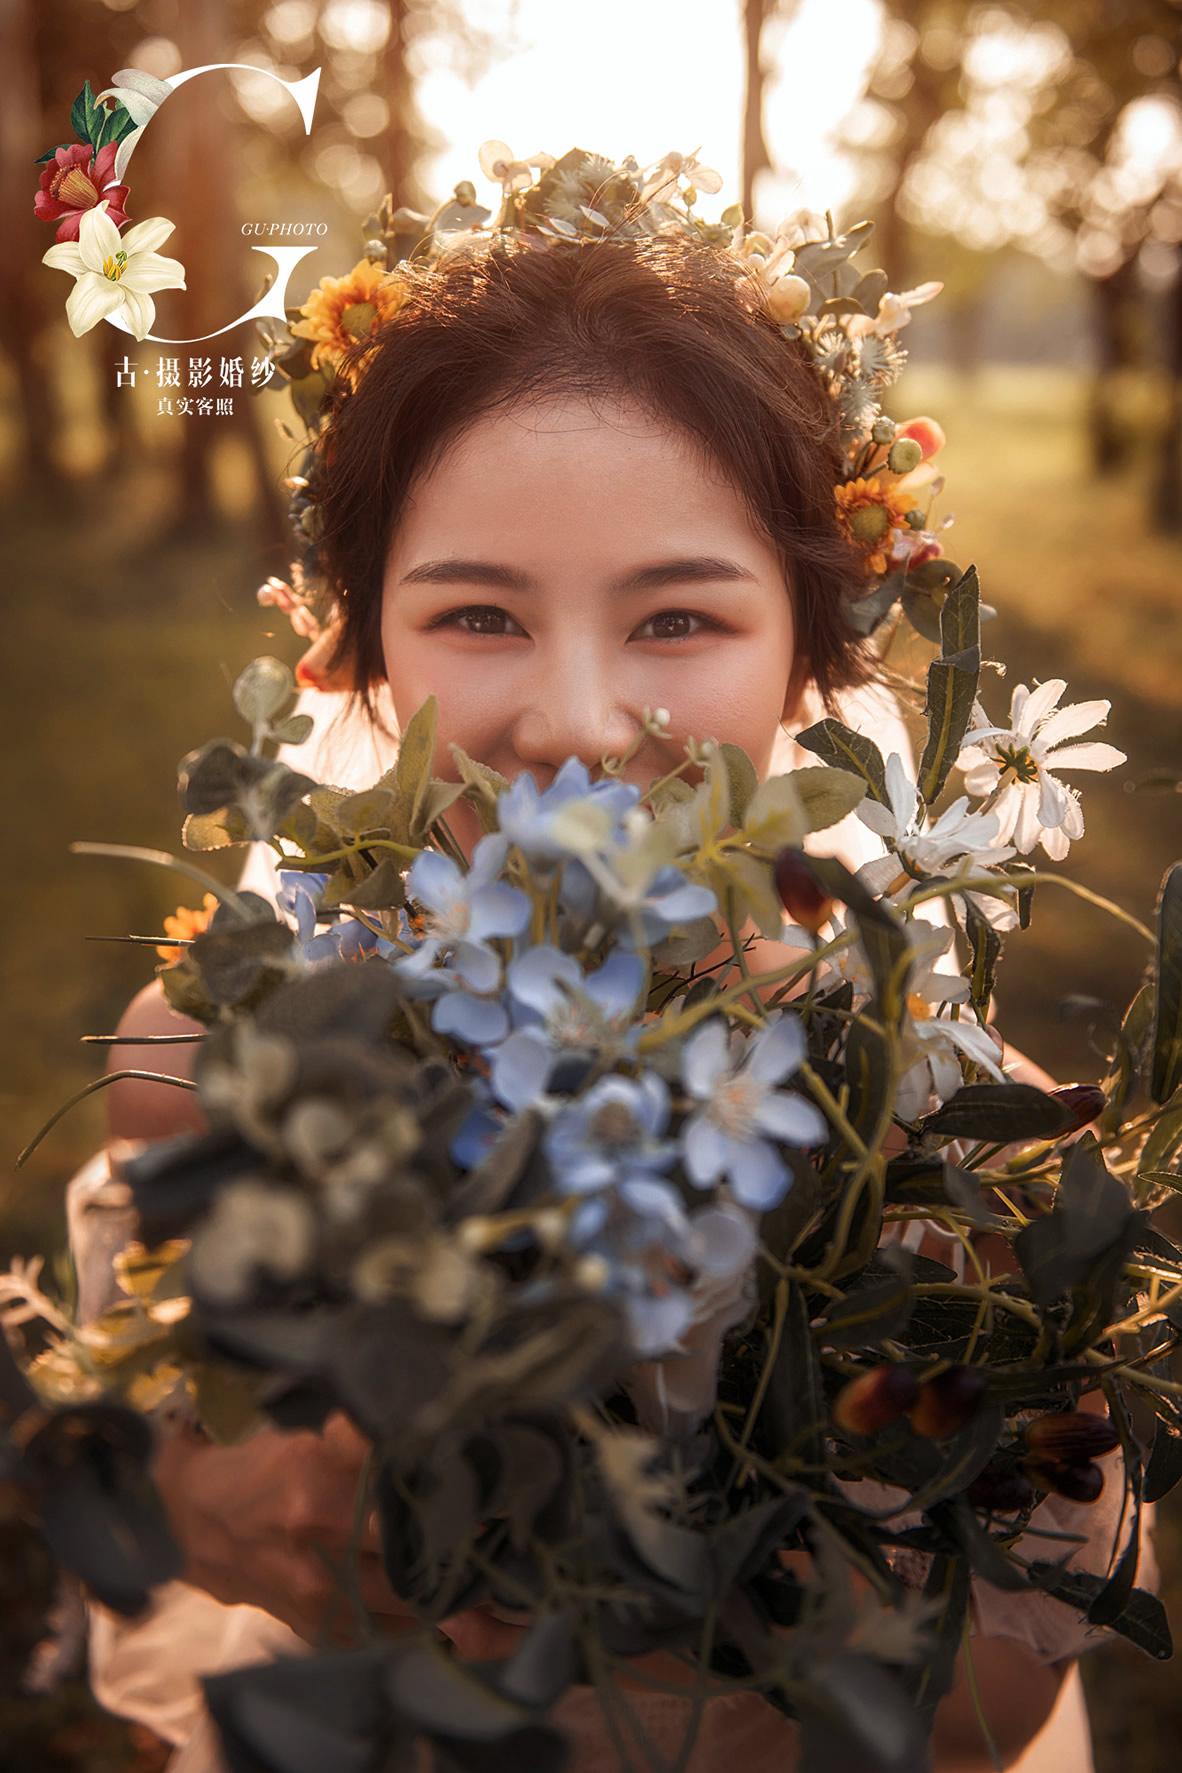 李先生夫妇 - 每日客照 - 古摄影婚纱艺术-古摄影成都婚纱摄影艺术摄影网